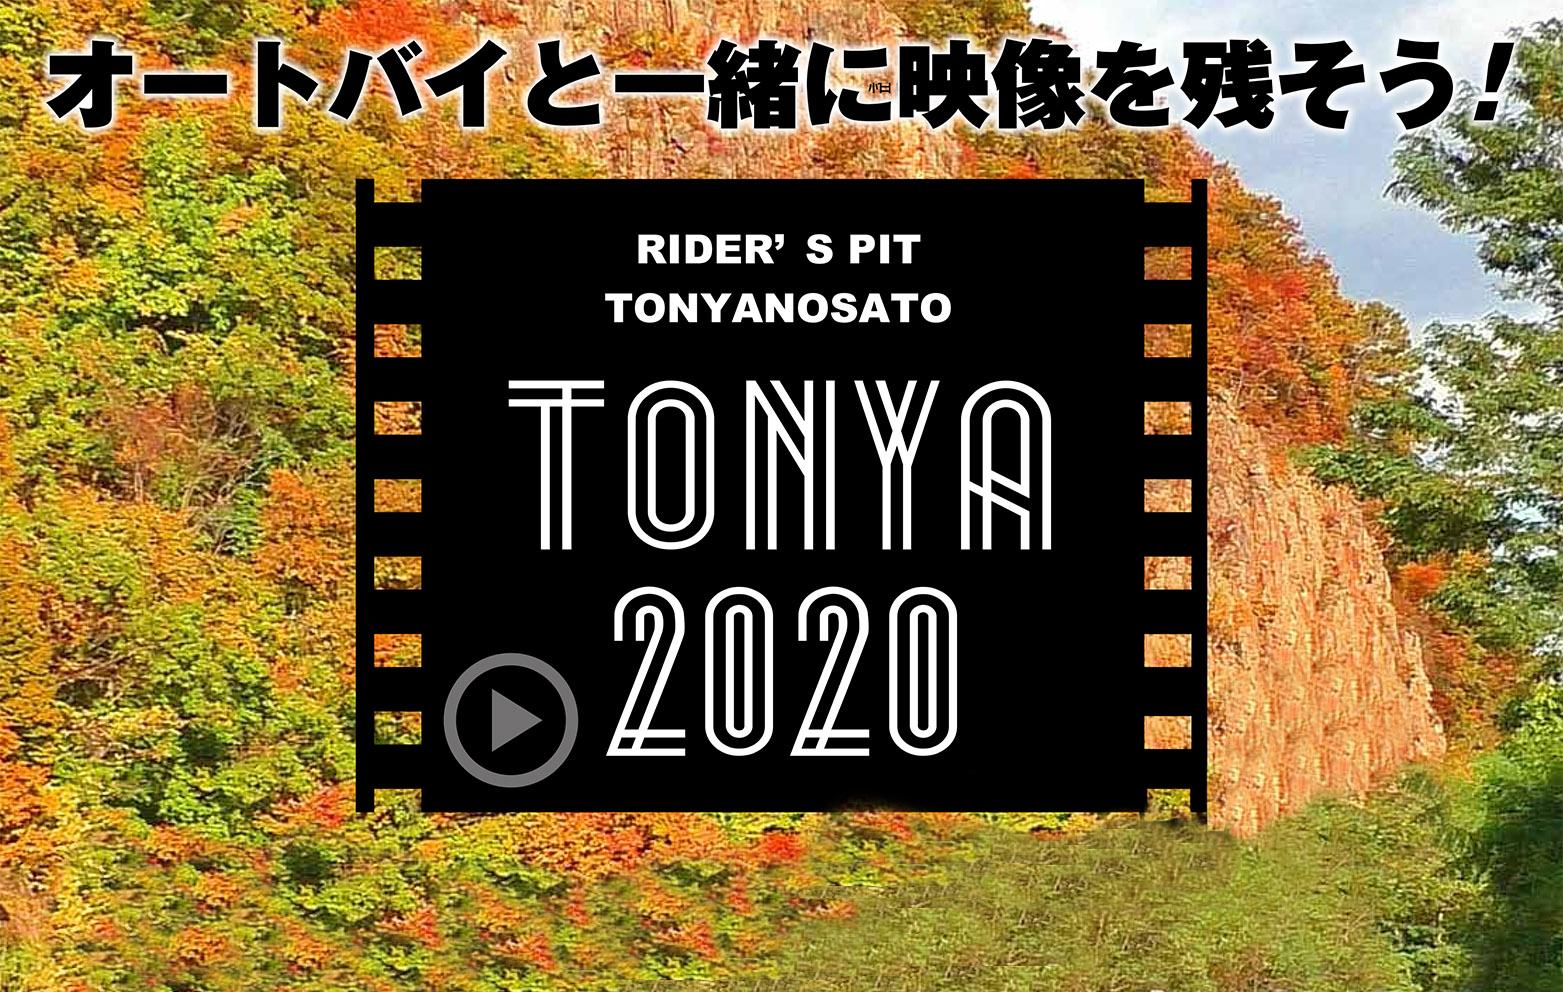 ライダーズピット「とんやの郷」バイク乗り記念撮影会2020